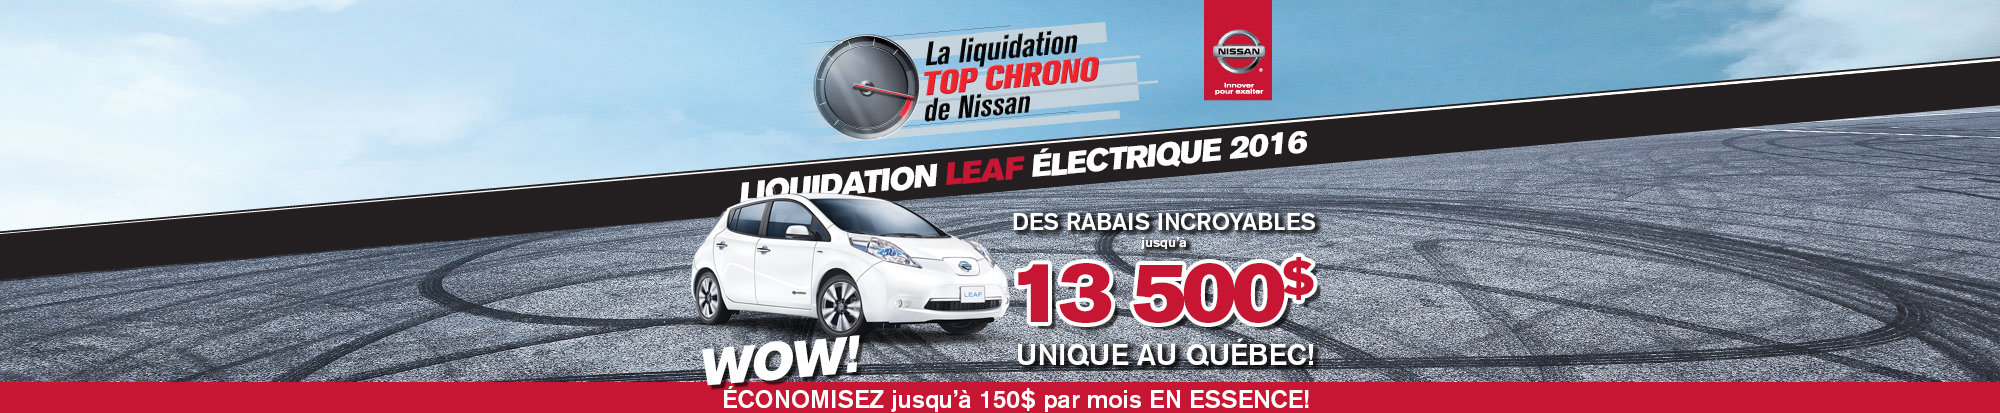 L'événement top chrono de Nissan - Leaf 2016